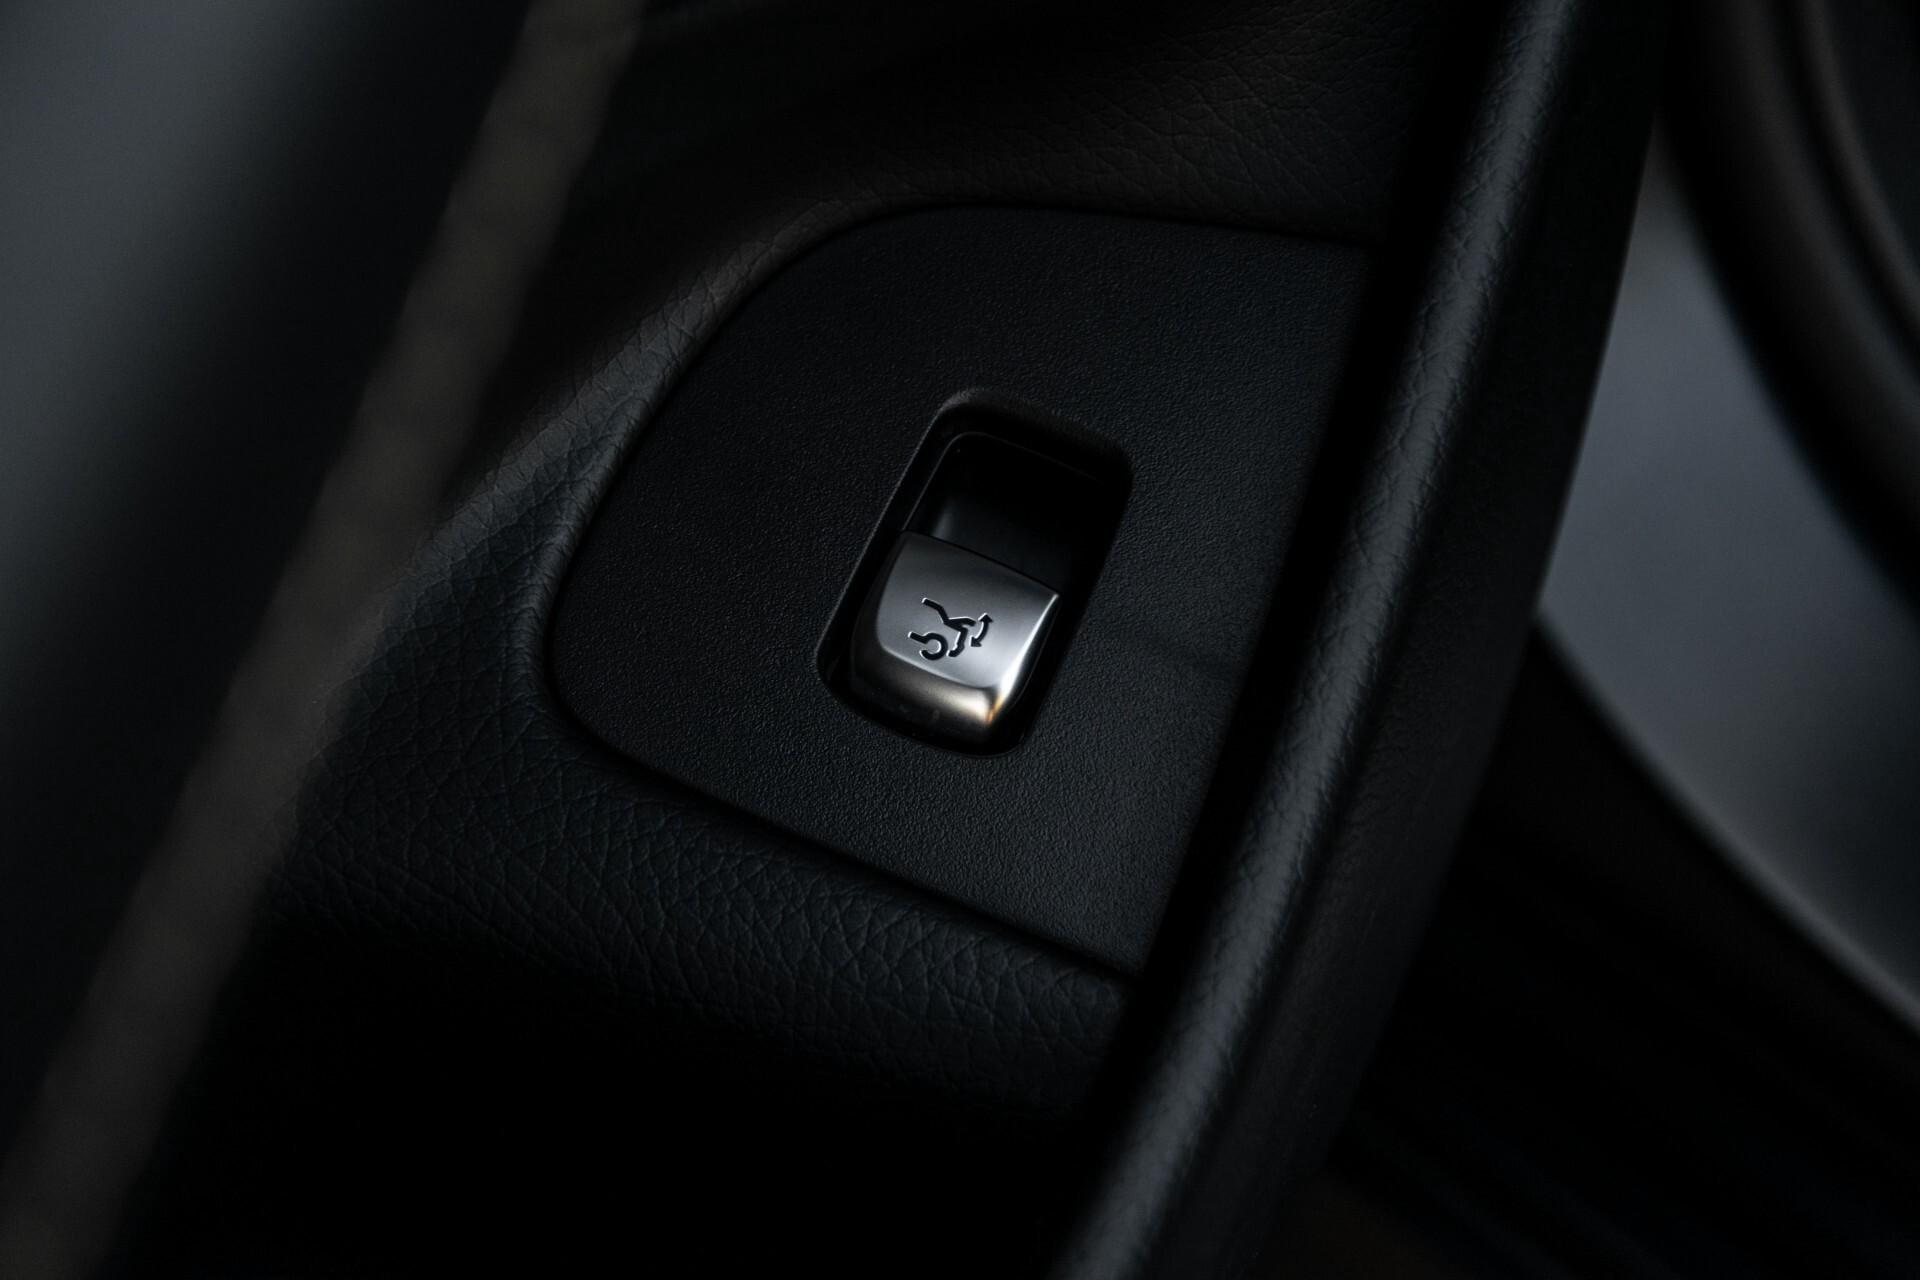 Mercedes-Benz E-Klasse 63 S AMG 4-Matic+ Edition 1 Matzwart/Carbon/Full Options Aut9 Foto 22